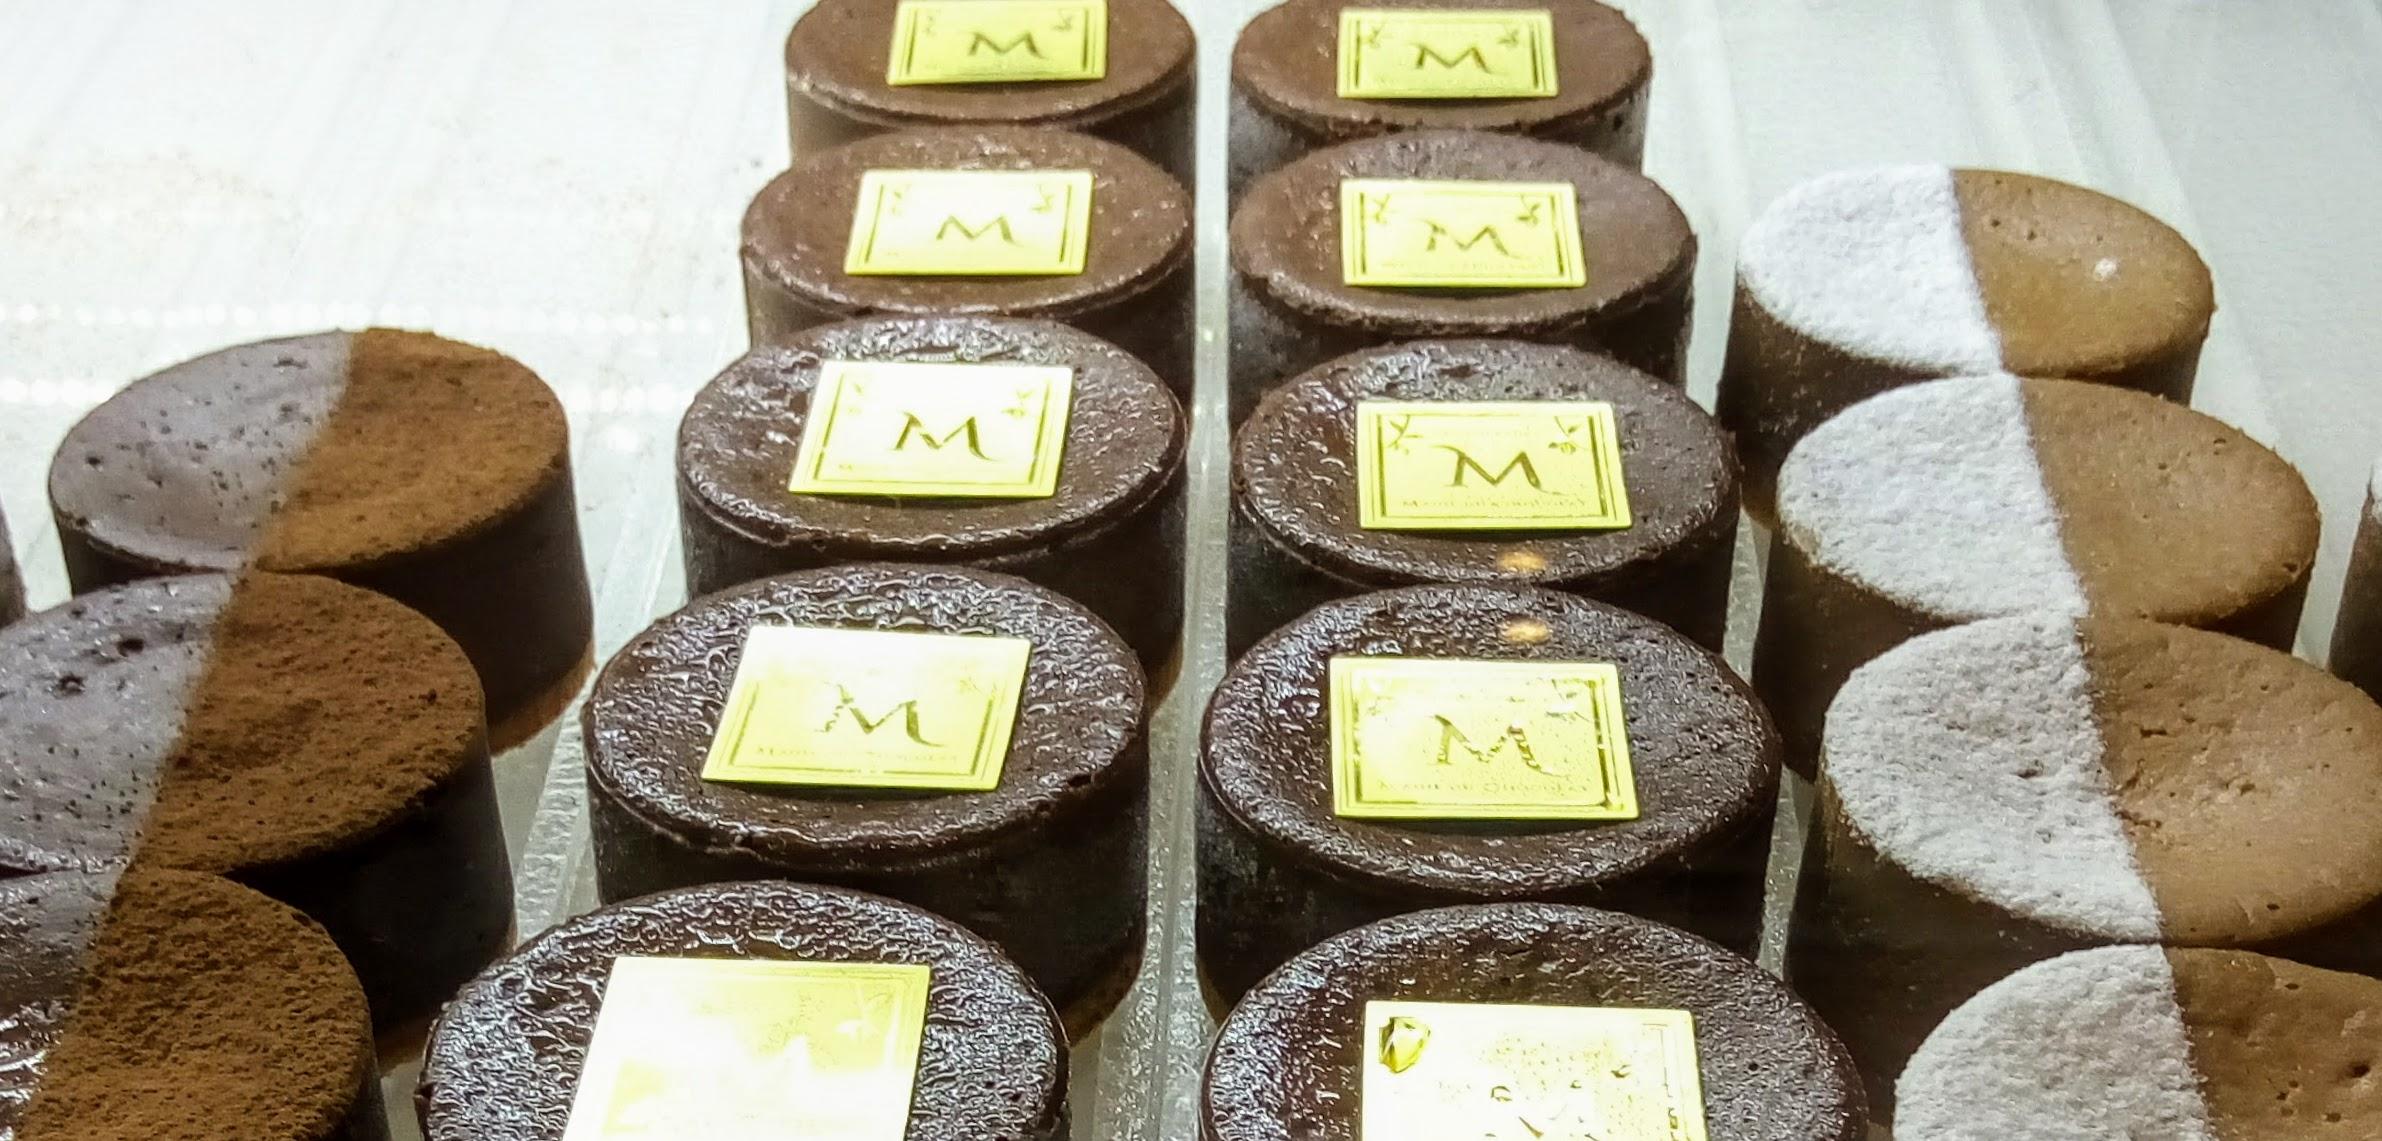 マジドゥショコラ・カカオ農園への想いが詰まったチョコレートショップ